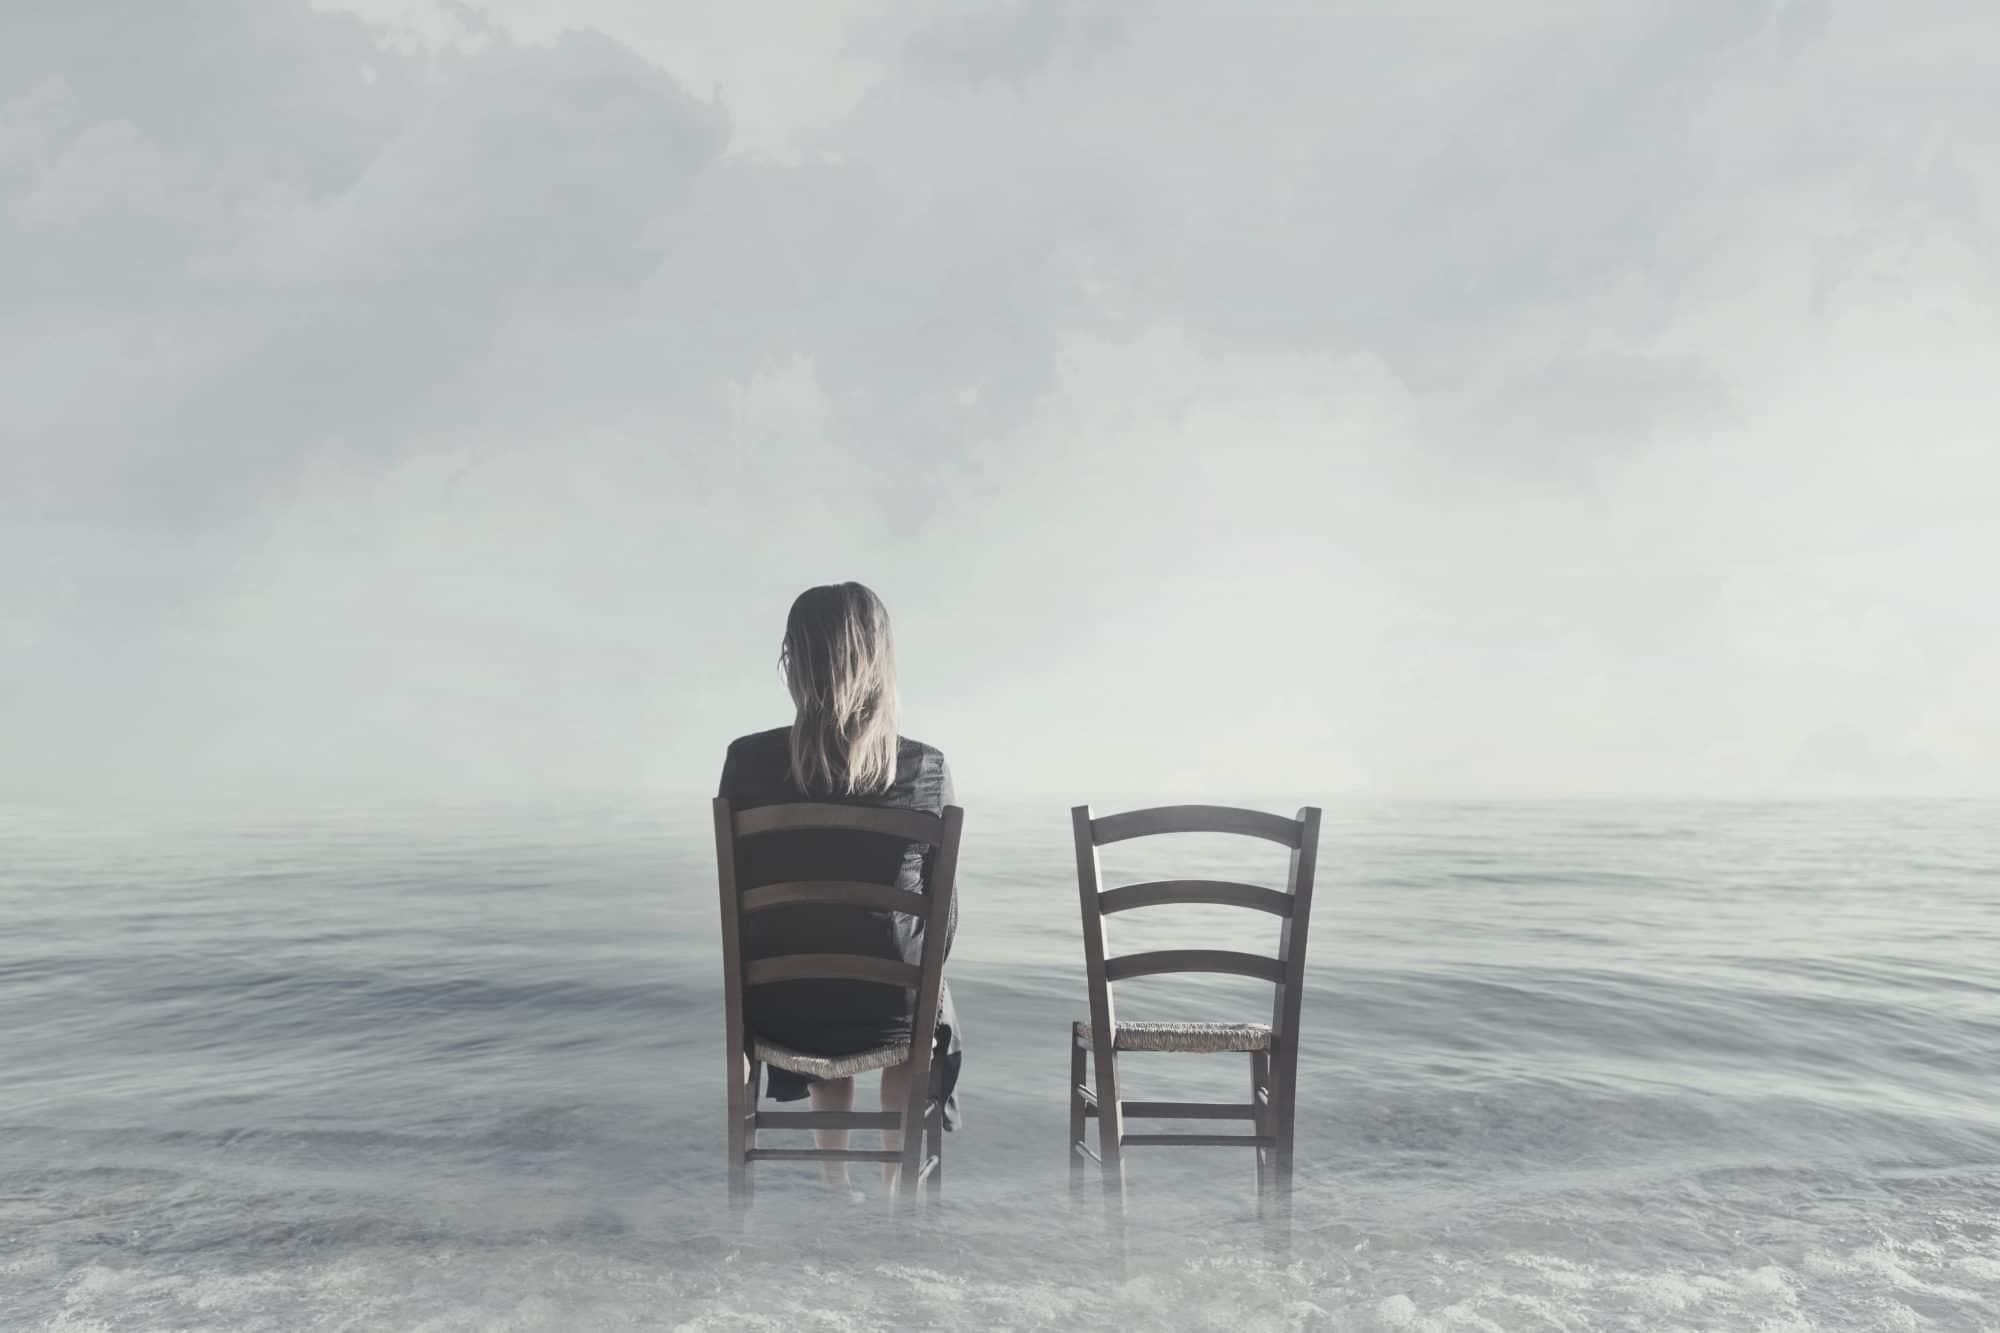 L'amore non corrisposto: il dolore che provoca e come fronteggiarlo | Dipendiamo.blog